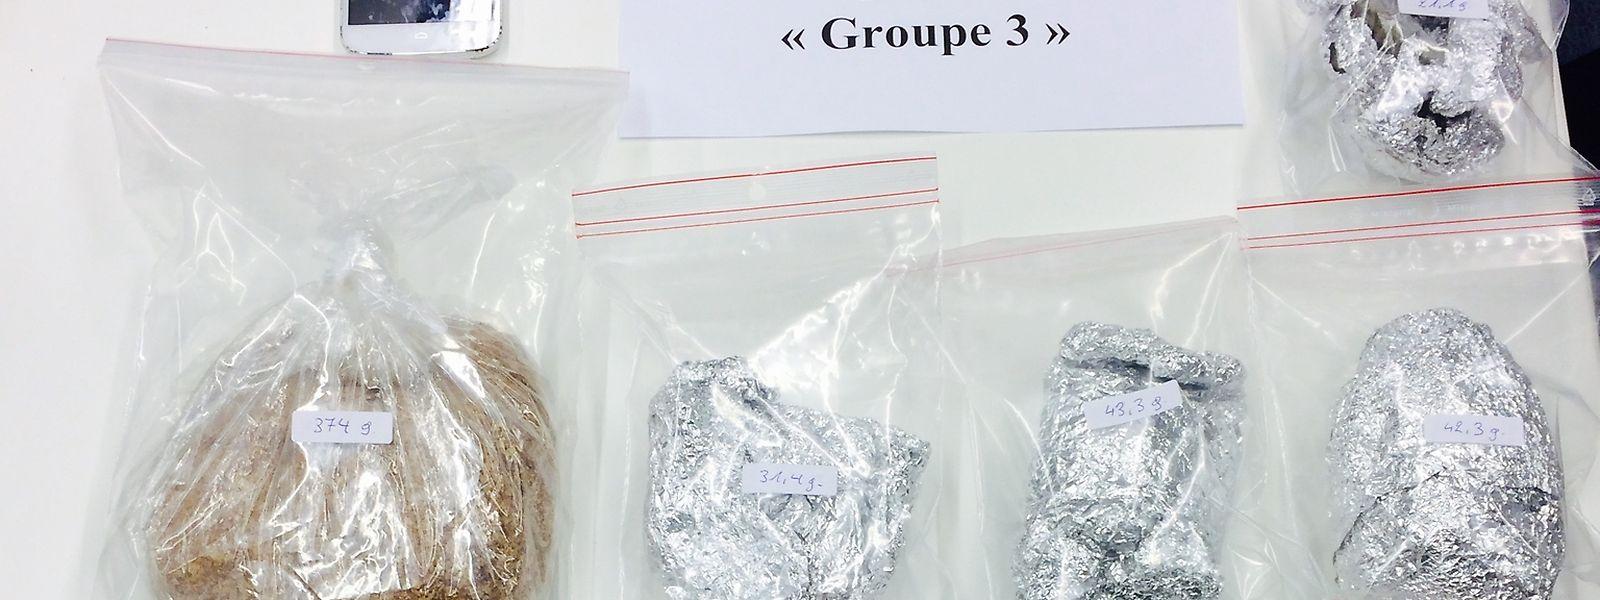 Die Polizei fand mehrere Sorten von Drogen in dem Fahrzeug.